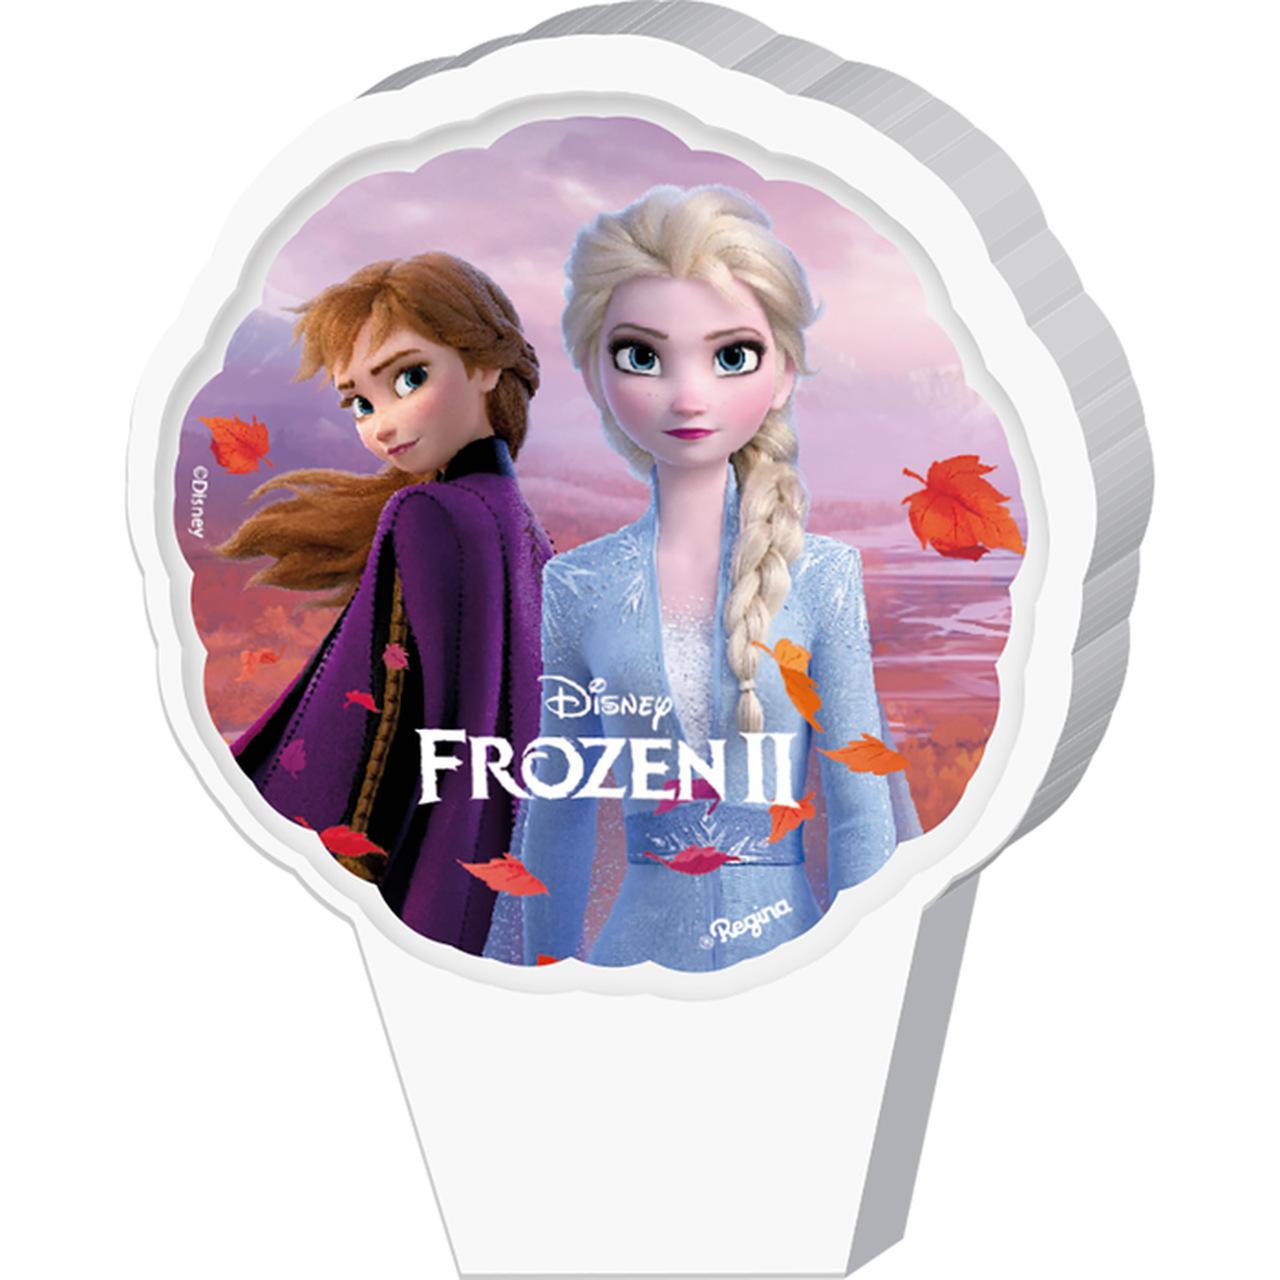 Vela Frozen Ii Plana Adesivada / 01 Unidade